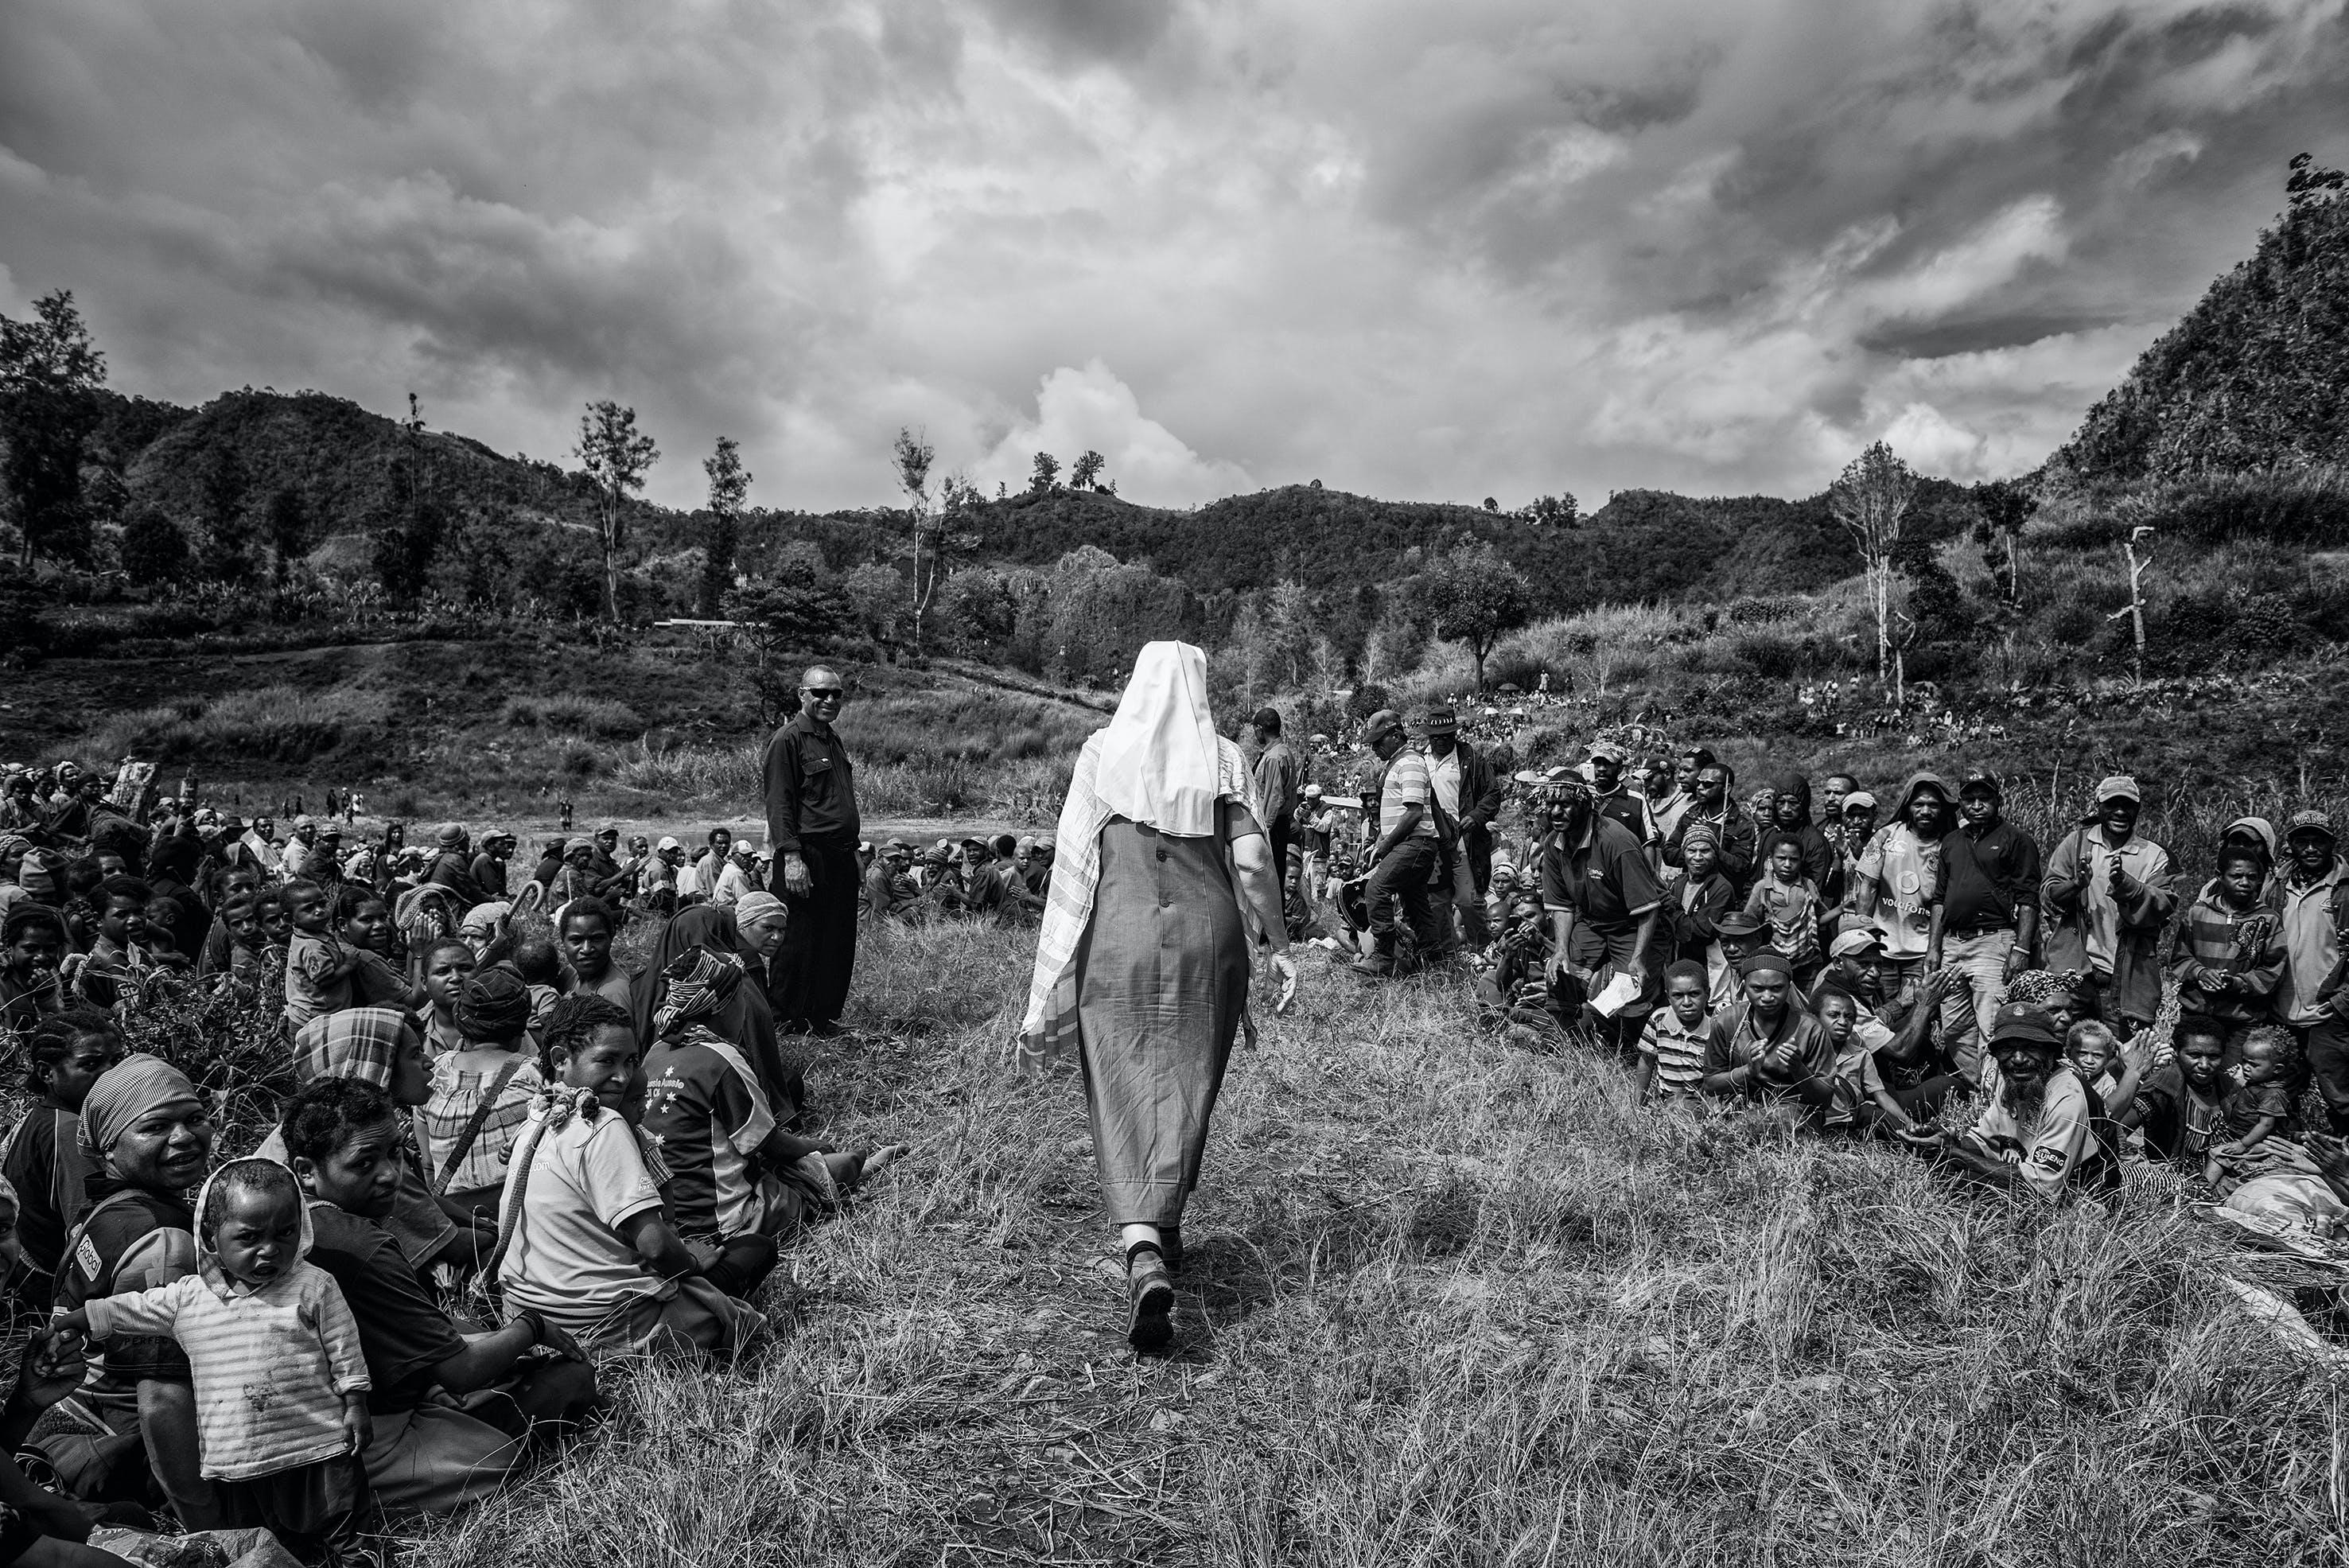 Schwester Lorena hat Frieden geschaffen. Sie plant eine Friedenszeremonie auch für Opfer und Täter von Hexen-Verfolgung.